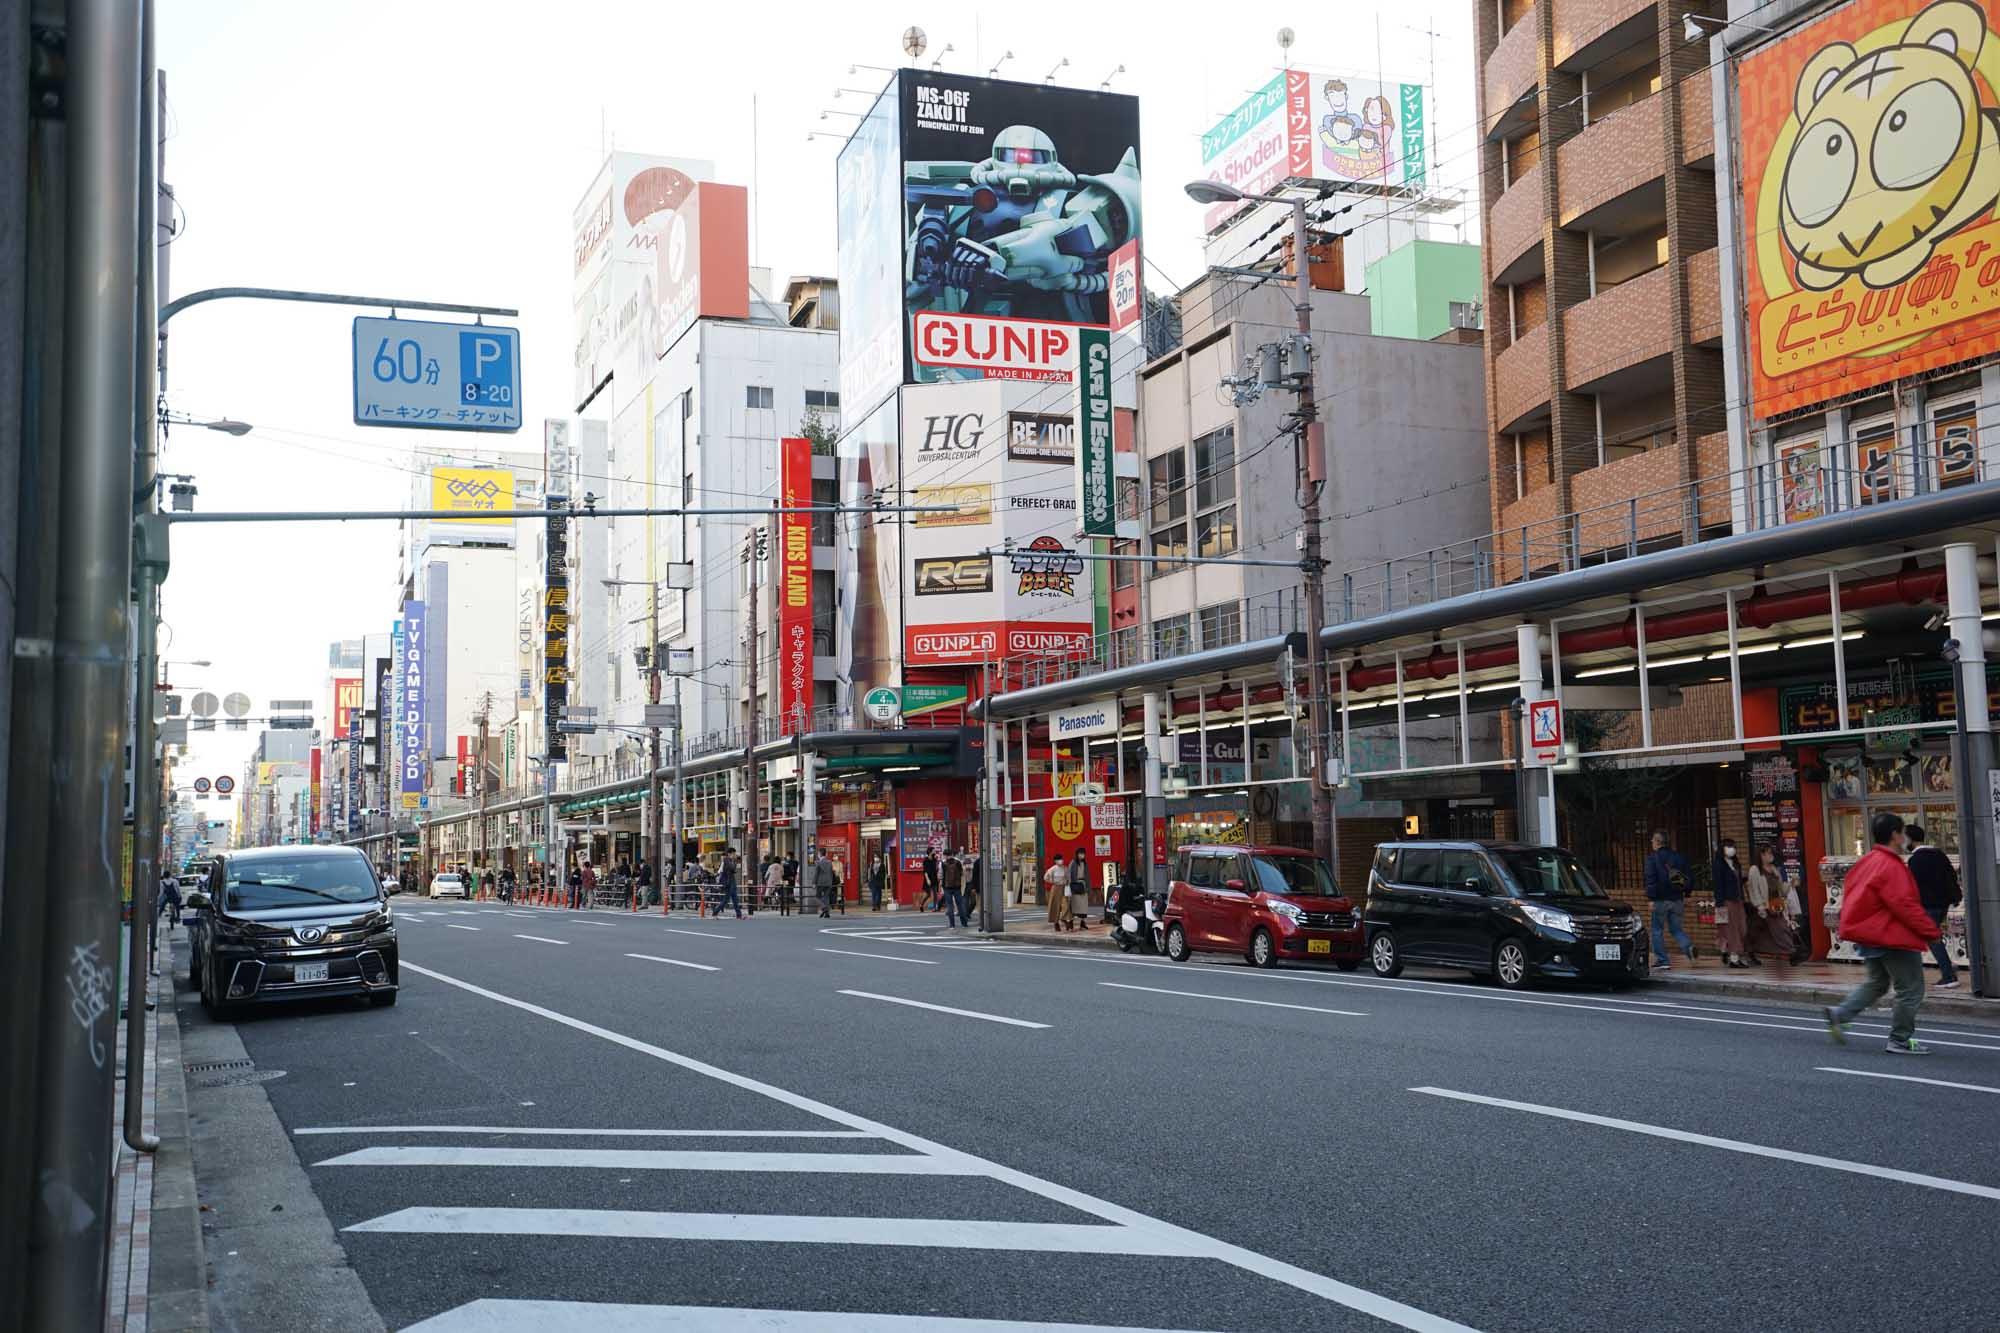 ホテル目の前の通り「堺筋」は、日本橋の電気街。東京でいうと秋葉原のような雰囲気です。通りの向かい側に「ローソン100」があったので、簡単な食料品、日用品はそこで揃えられそう。